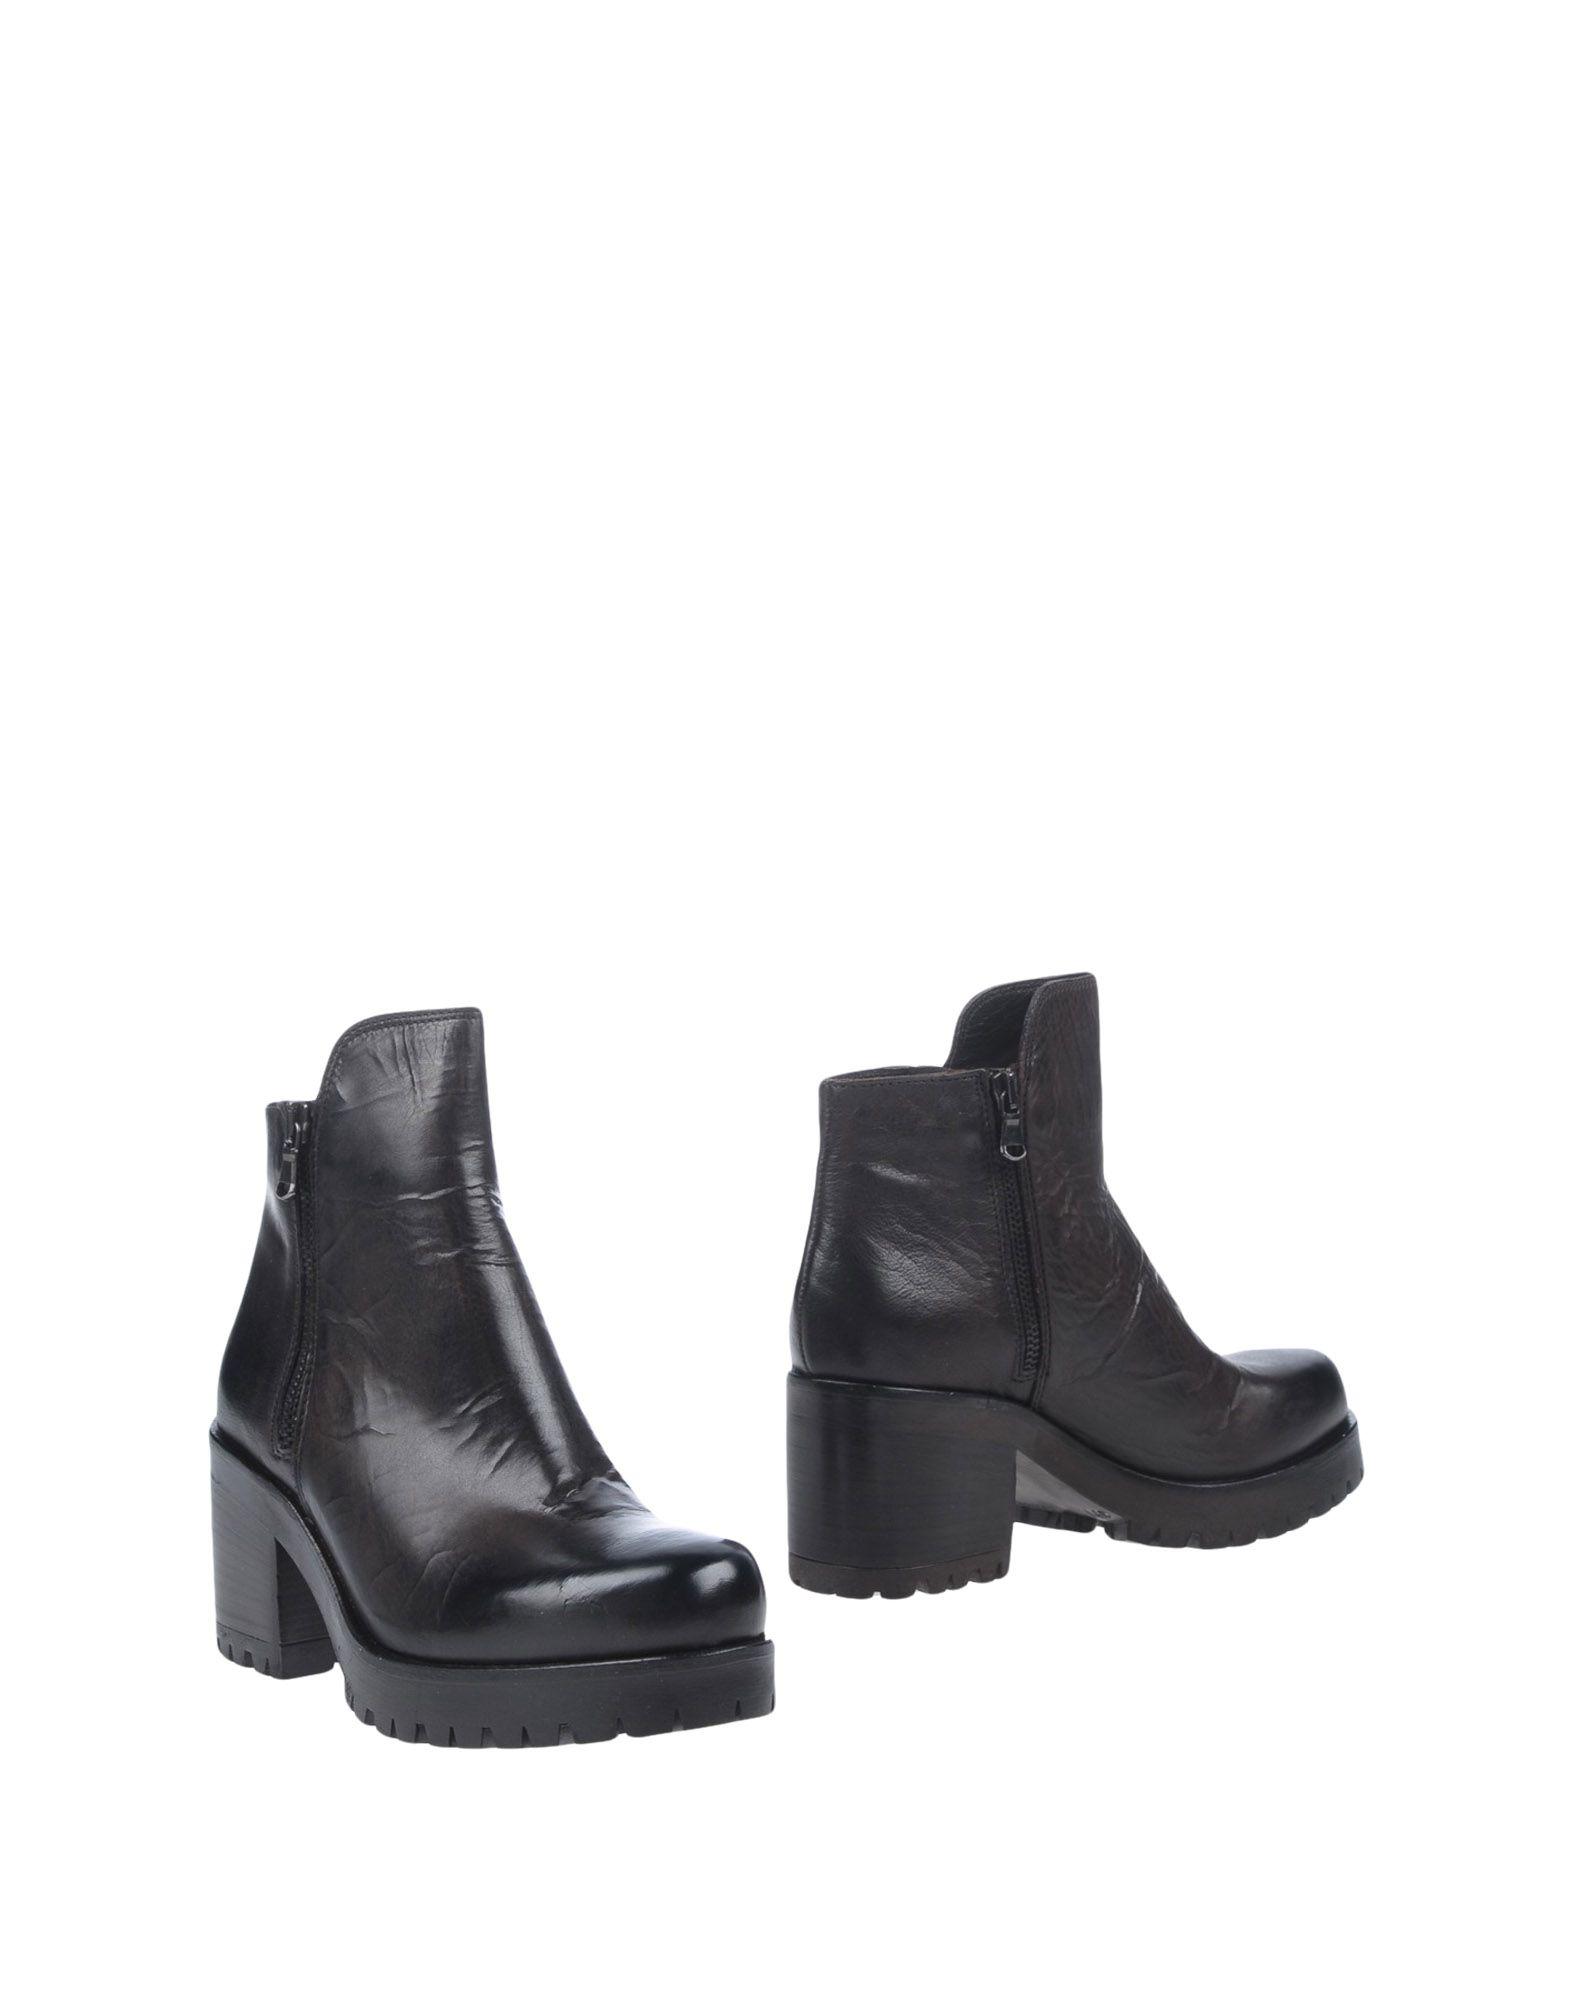 Jfk Stiefelette Damen  11252636KT Gute Qualität beliebte Schuhe